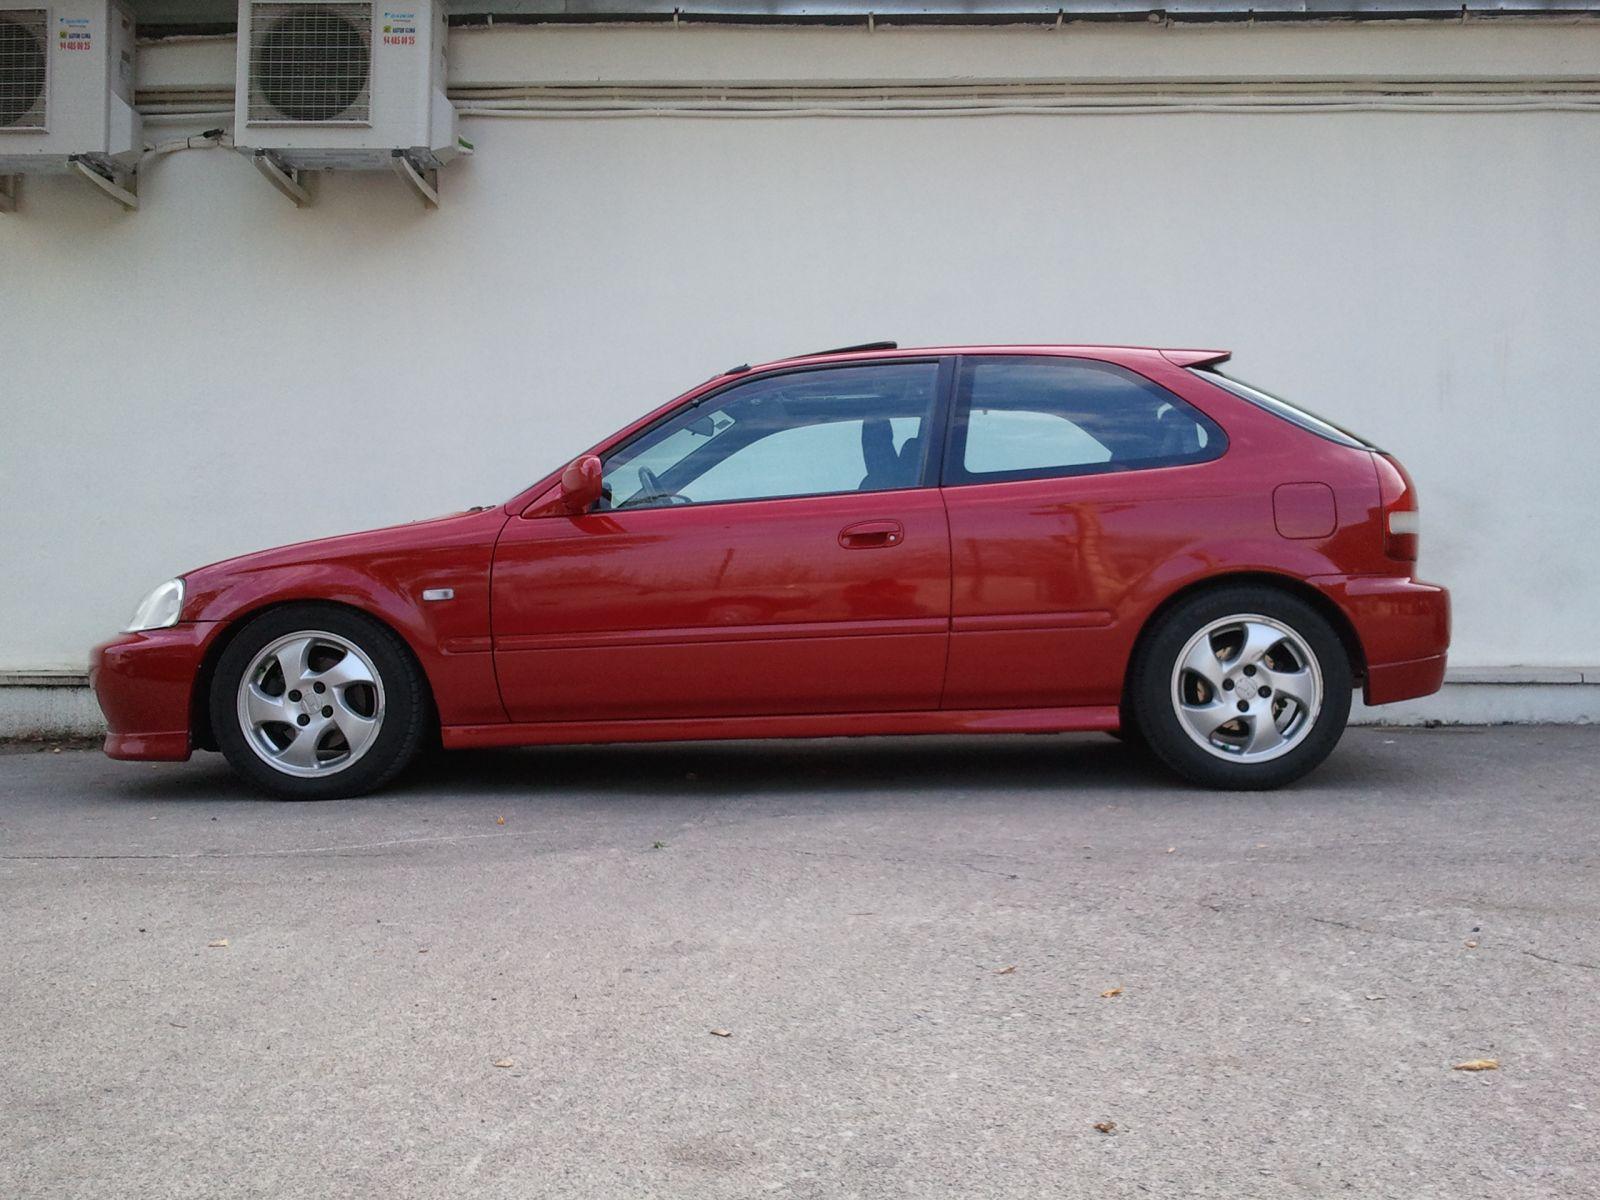 My Red Ek4 Restyling Ek9 Org Jdm Ek9 Honda Civic Type R